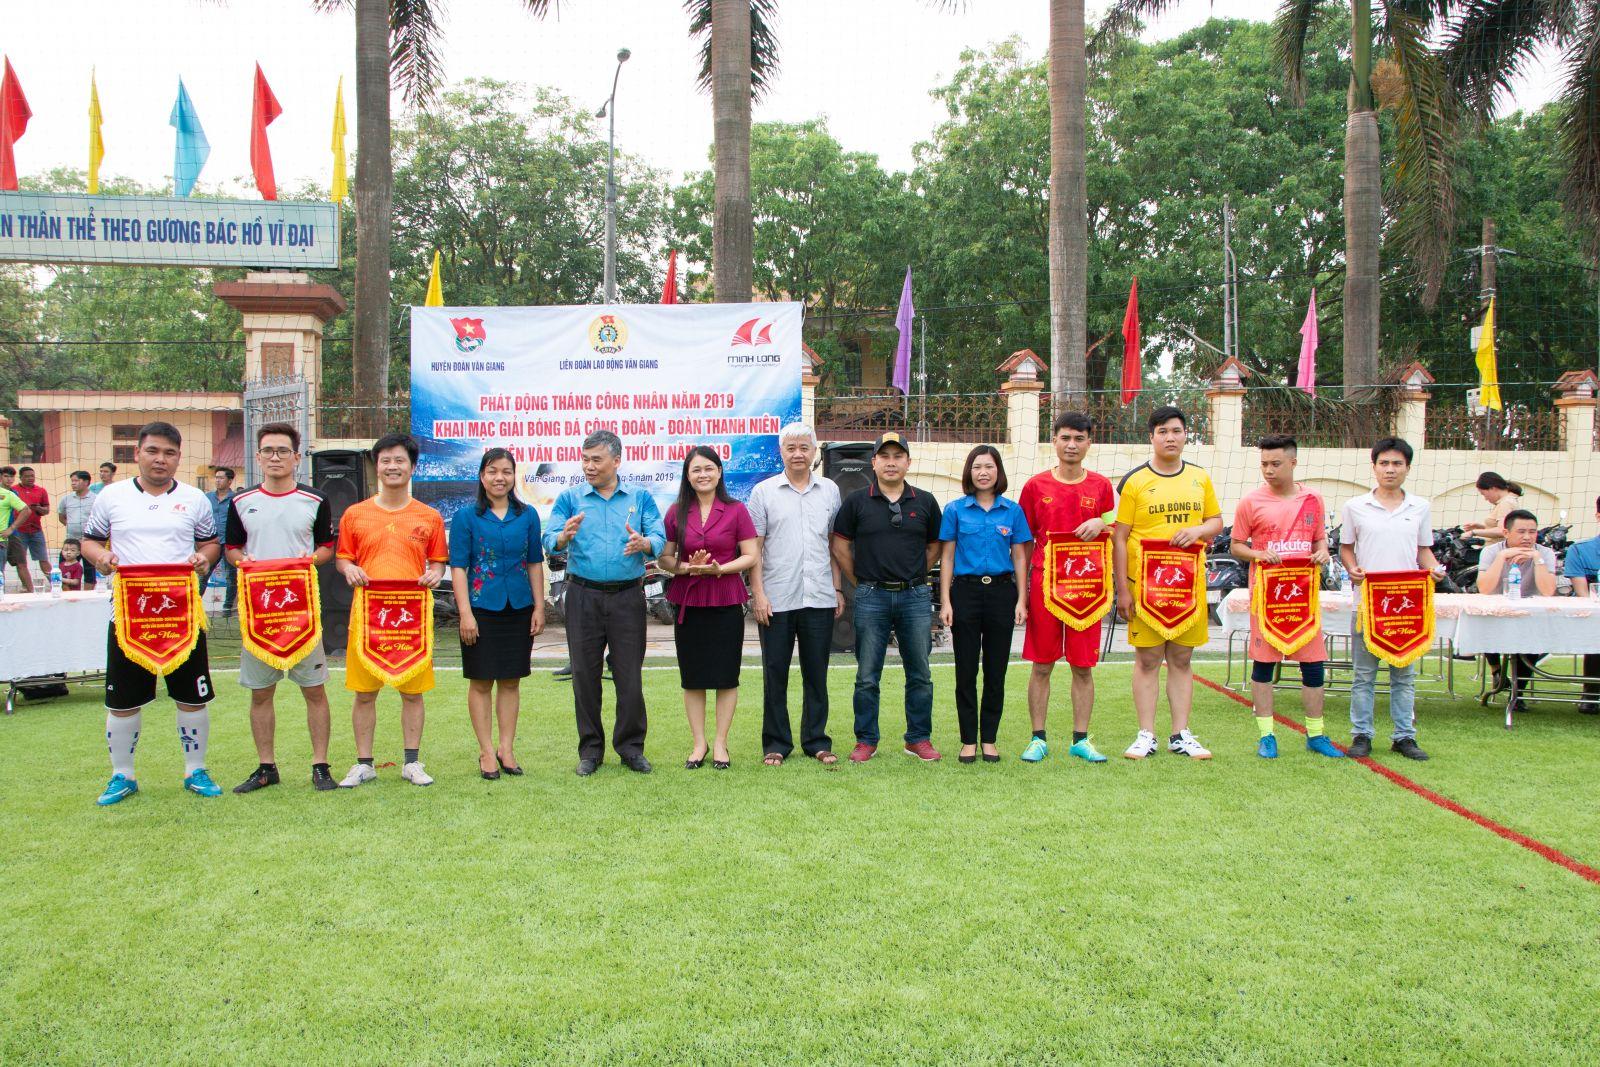 Văn Giang khai mạc giải bóng đá Công đoàn – Đoàn Thanh niên lần thứ III năm 2019